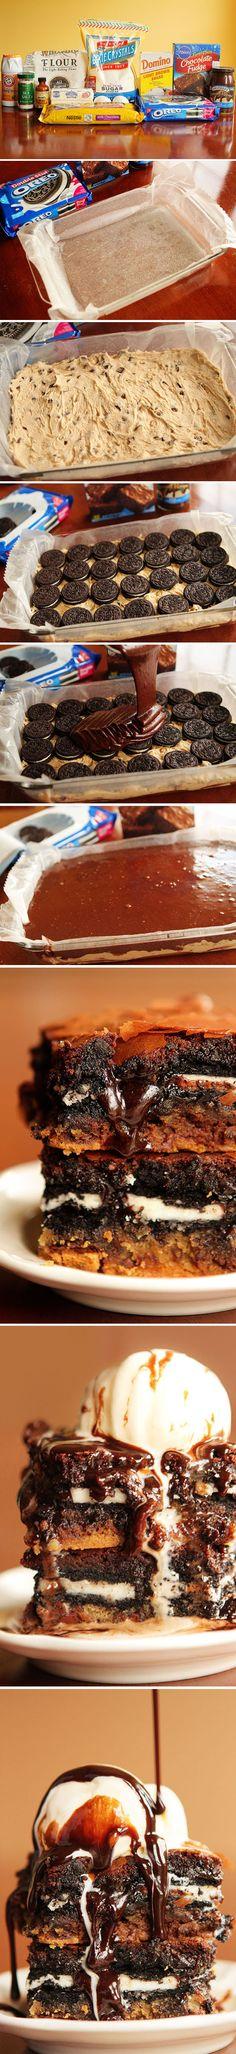 Pecados de Reposteria Barras de galleta, brownie de chocolate y Oreos - Pecados de Reposteria